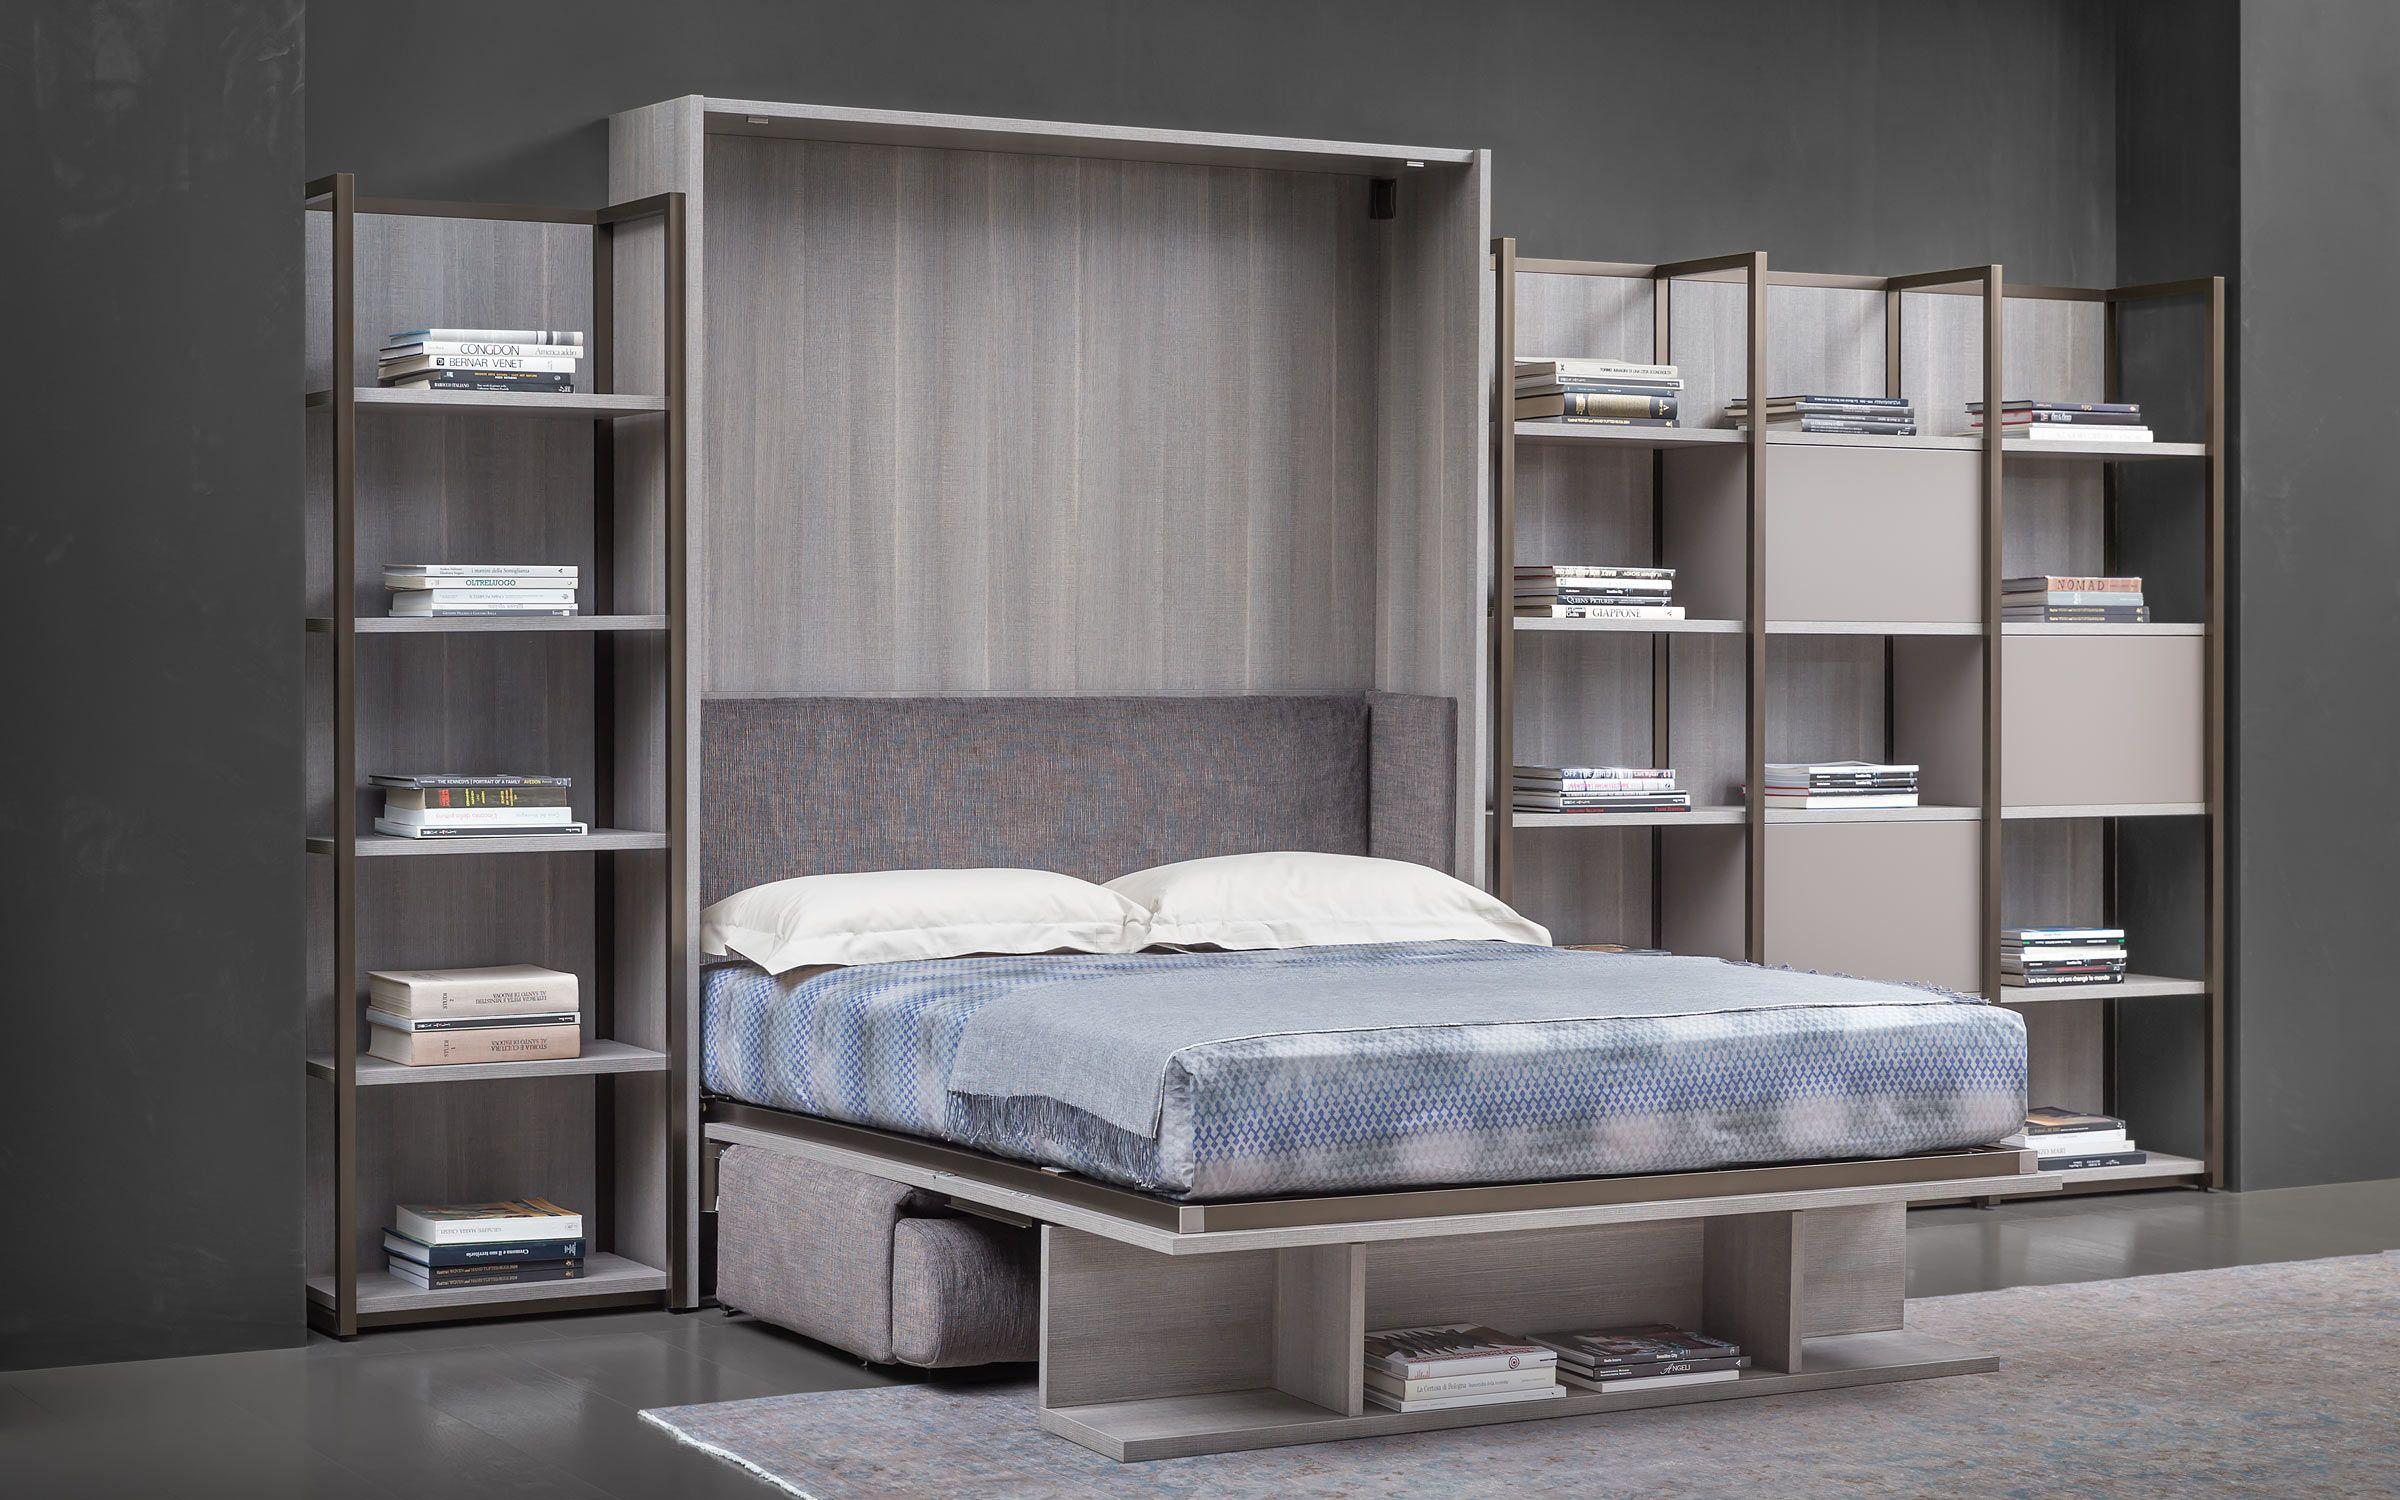 Mobile-parete con letto a scomparsa e divano Flou LONDON ...